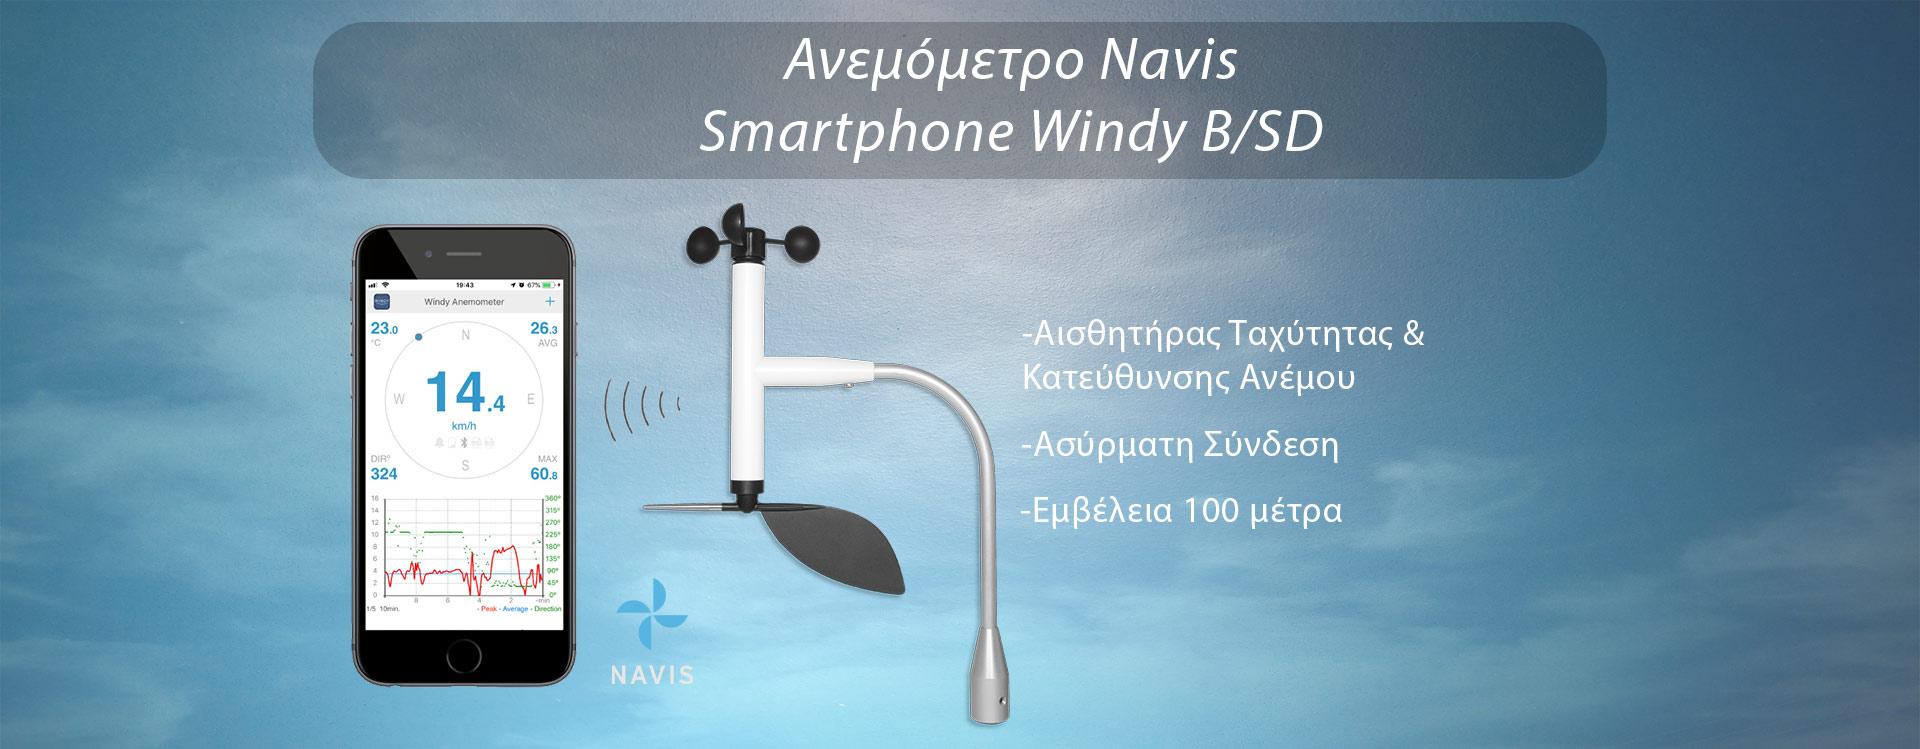 Ανεμόμετρο Navis Smartphone Windy B/SD